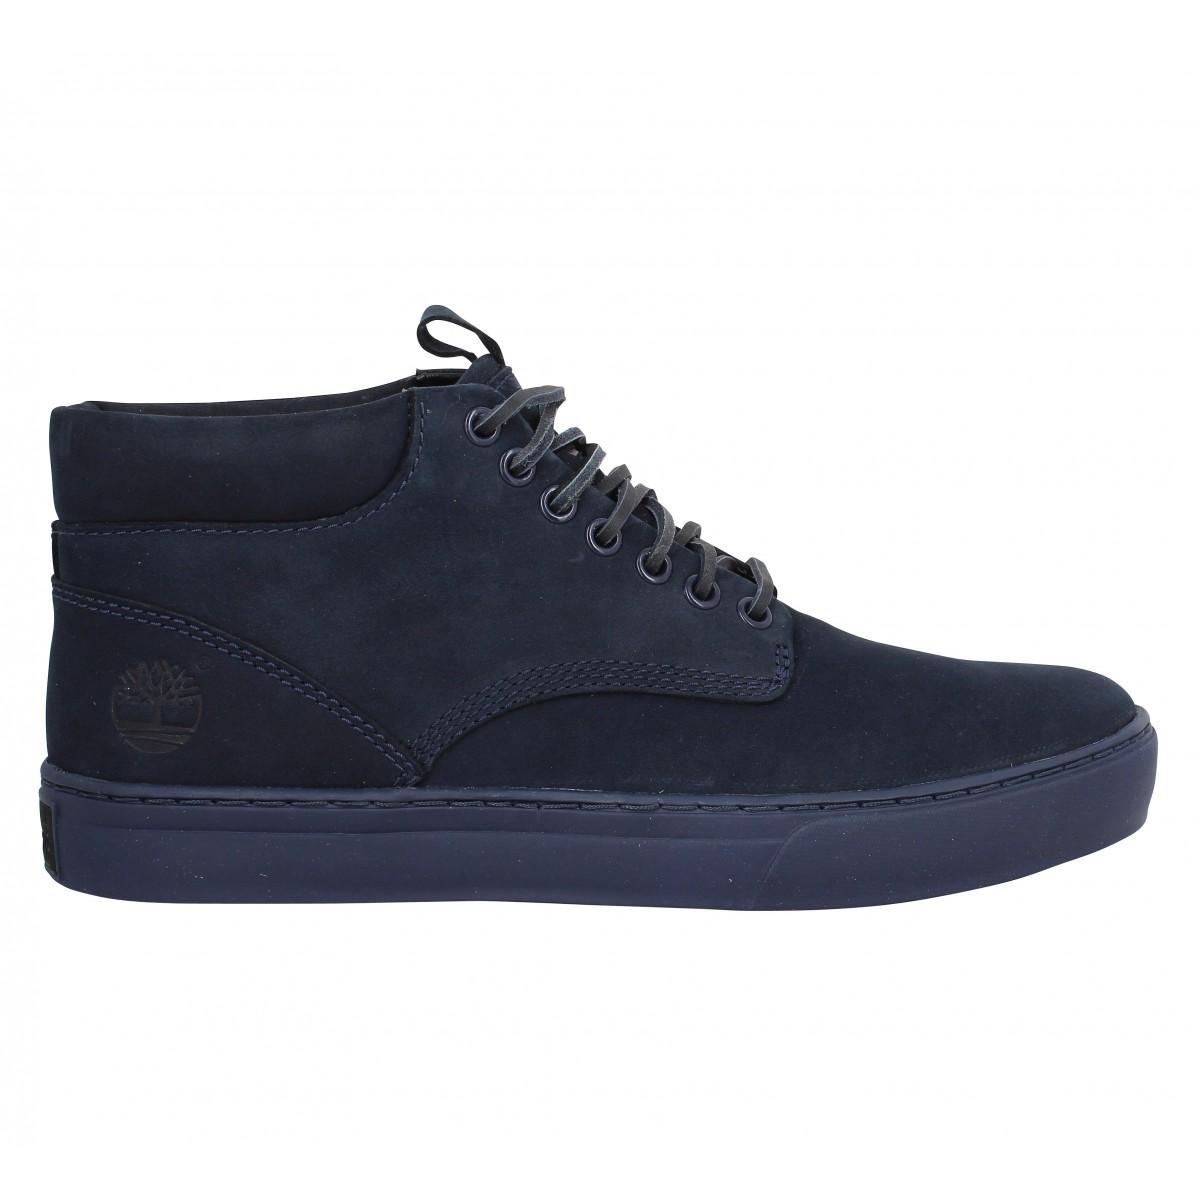 finest selection 2480d 93501 Chaussures Timberland Adventure bleues homme Mocassins Garçon v8kG0